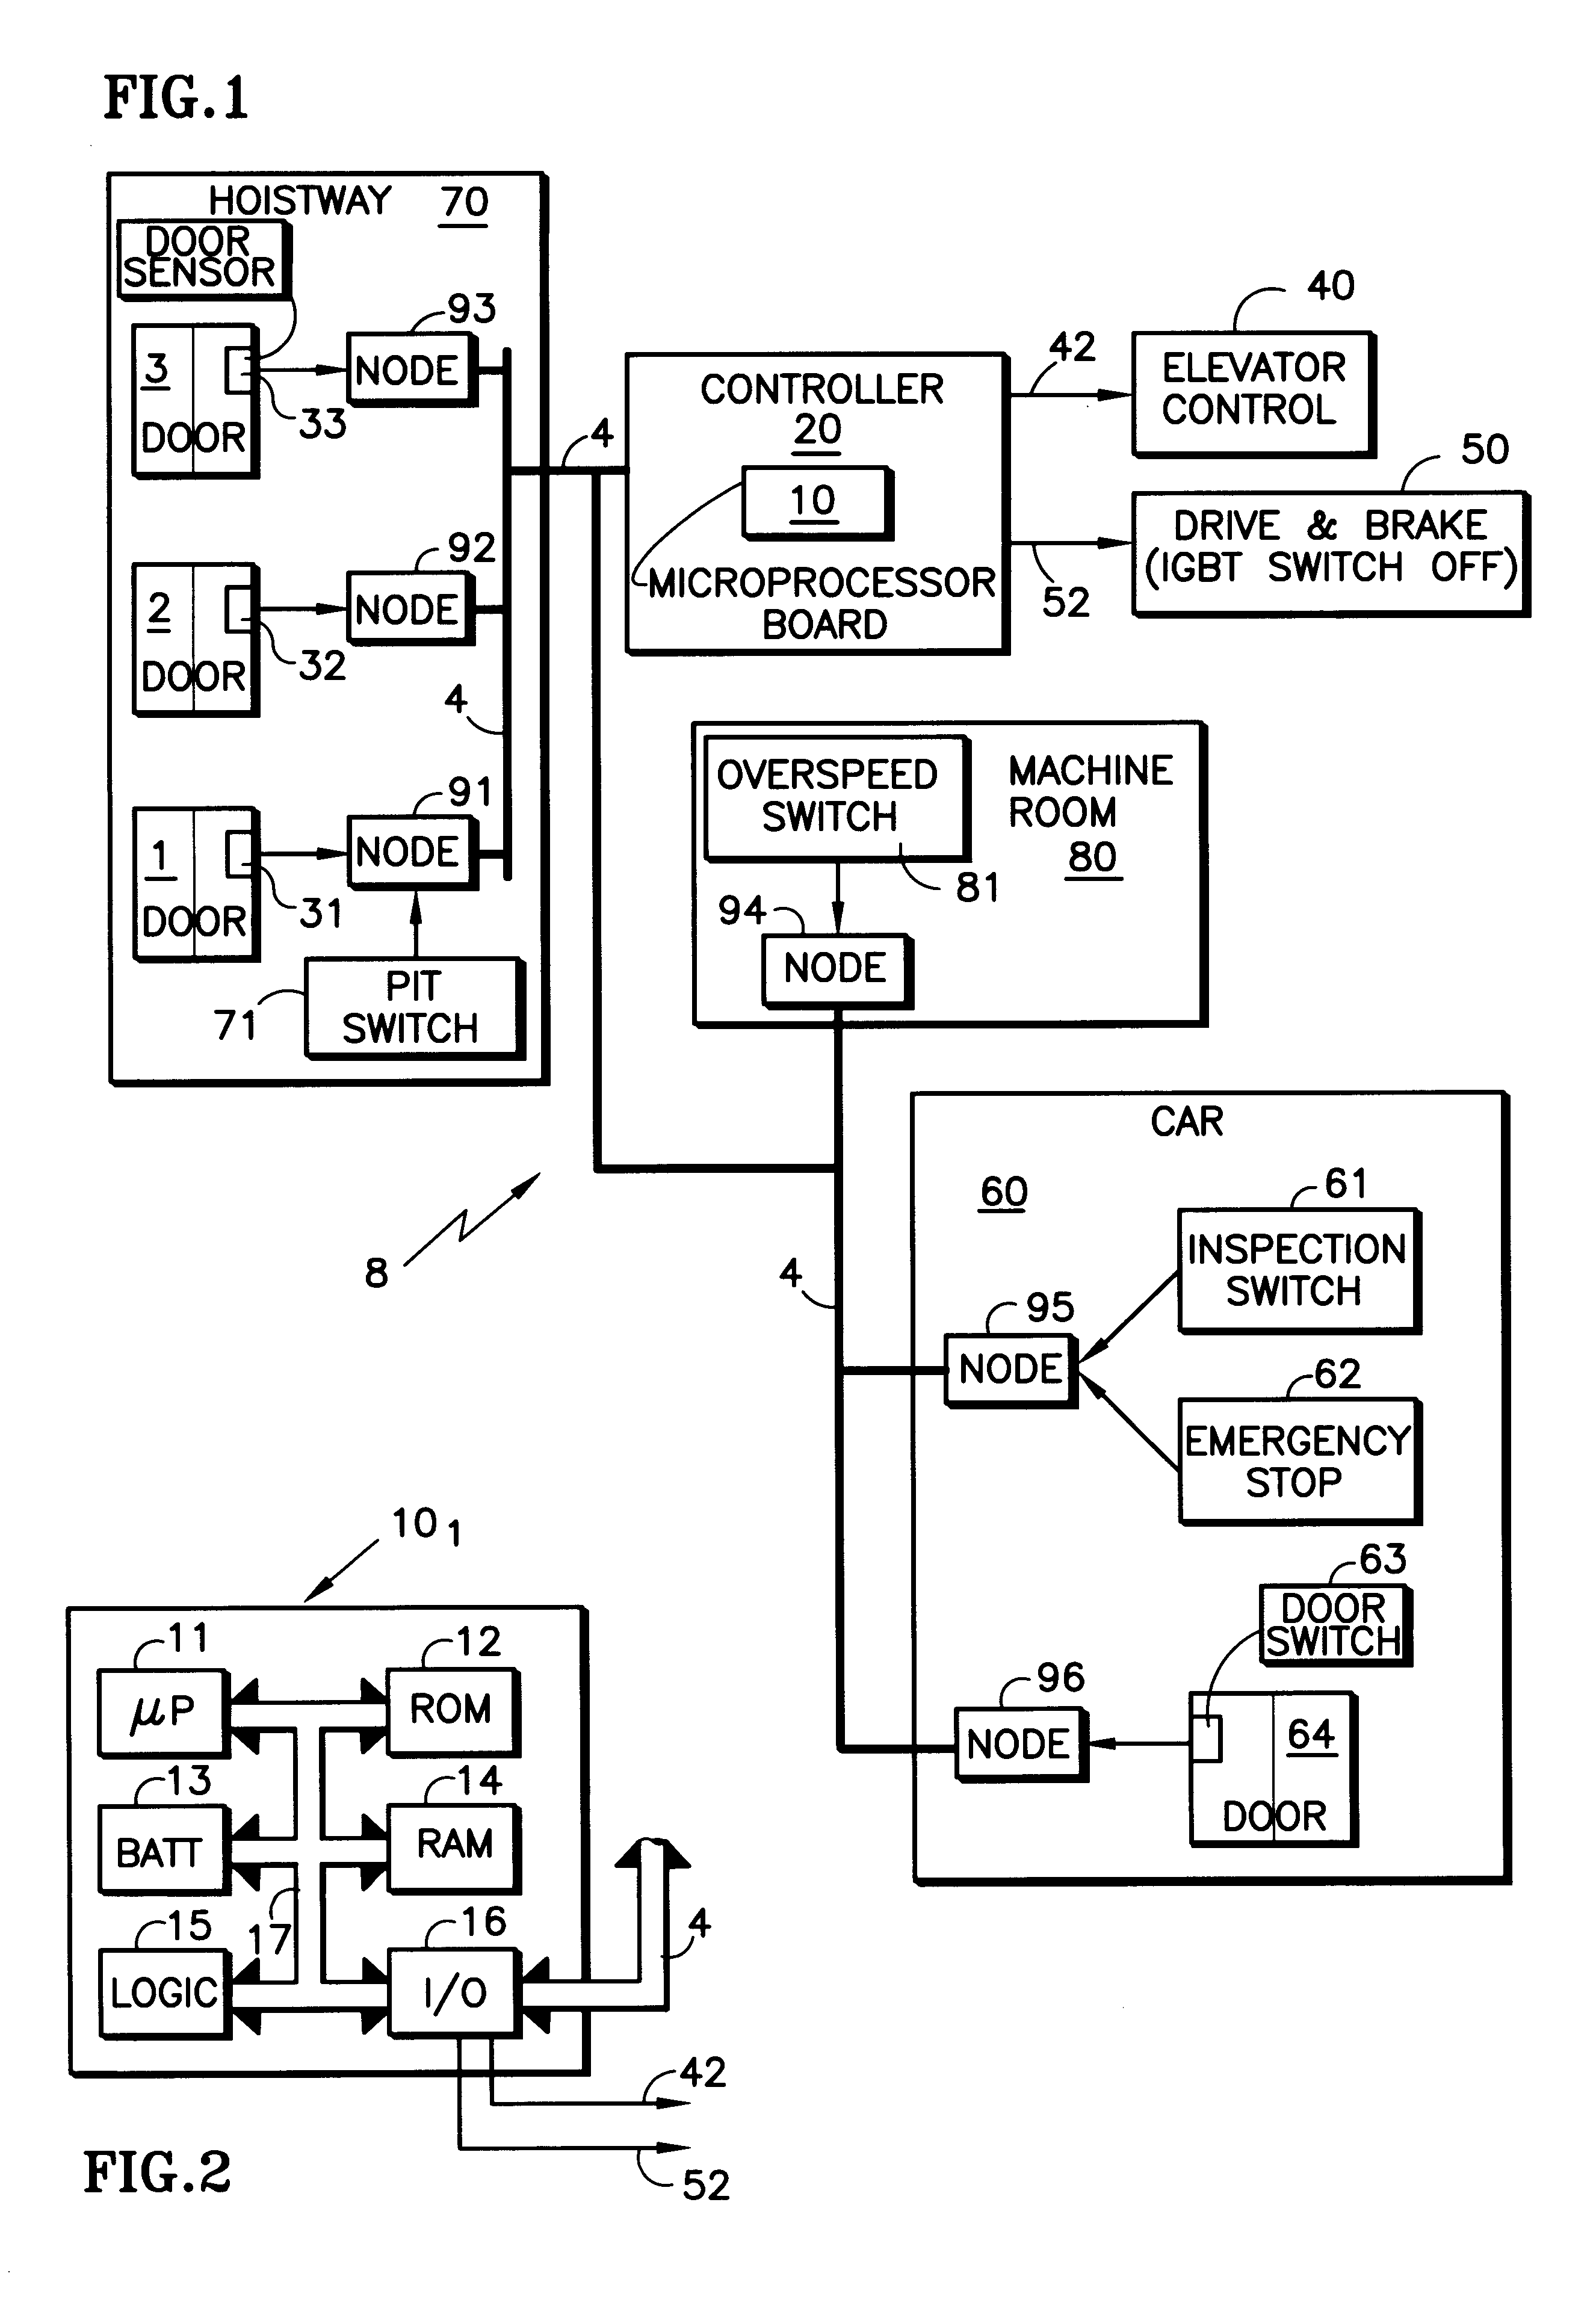 Wiring diagram elevator mitsubishi